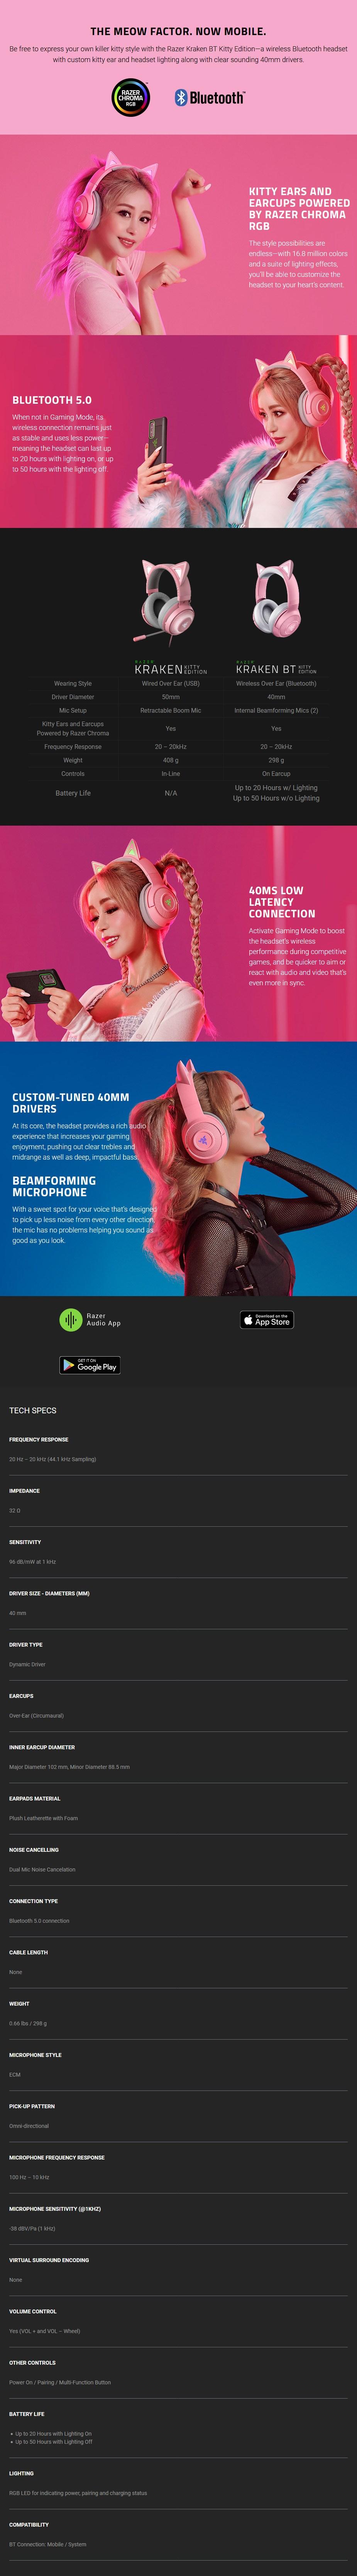 razer-kraken-bt-kitty-chroma-wireless-over-ear-headphones-quartz-ac39607-4.jpg